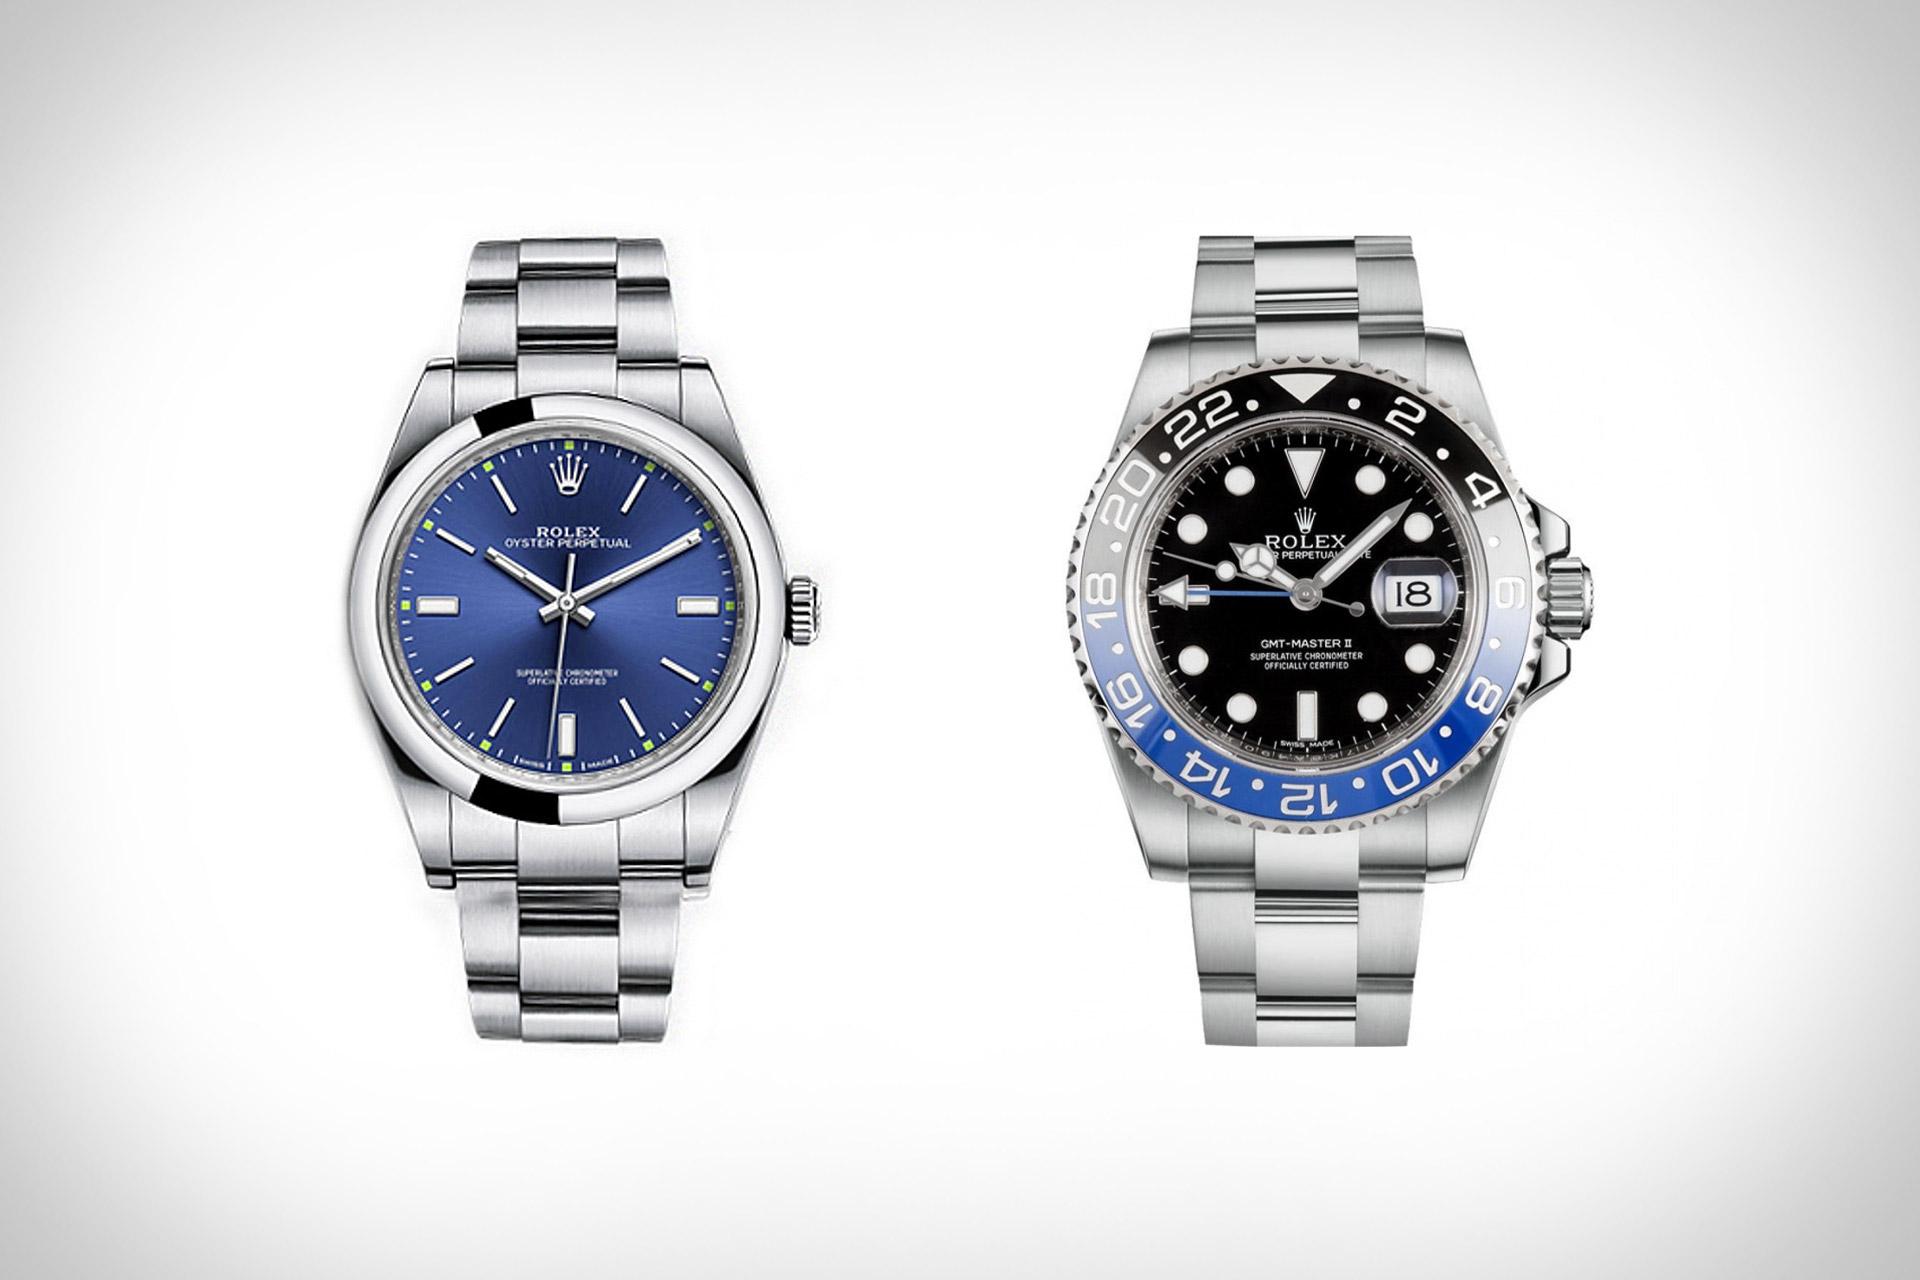 StockX Rolex Watches